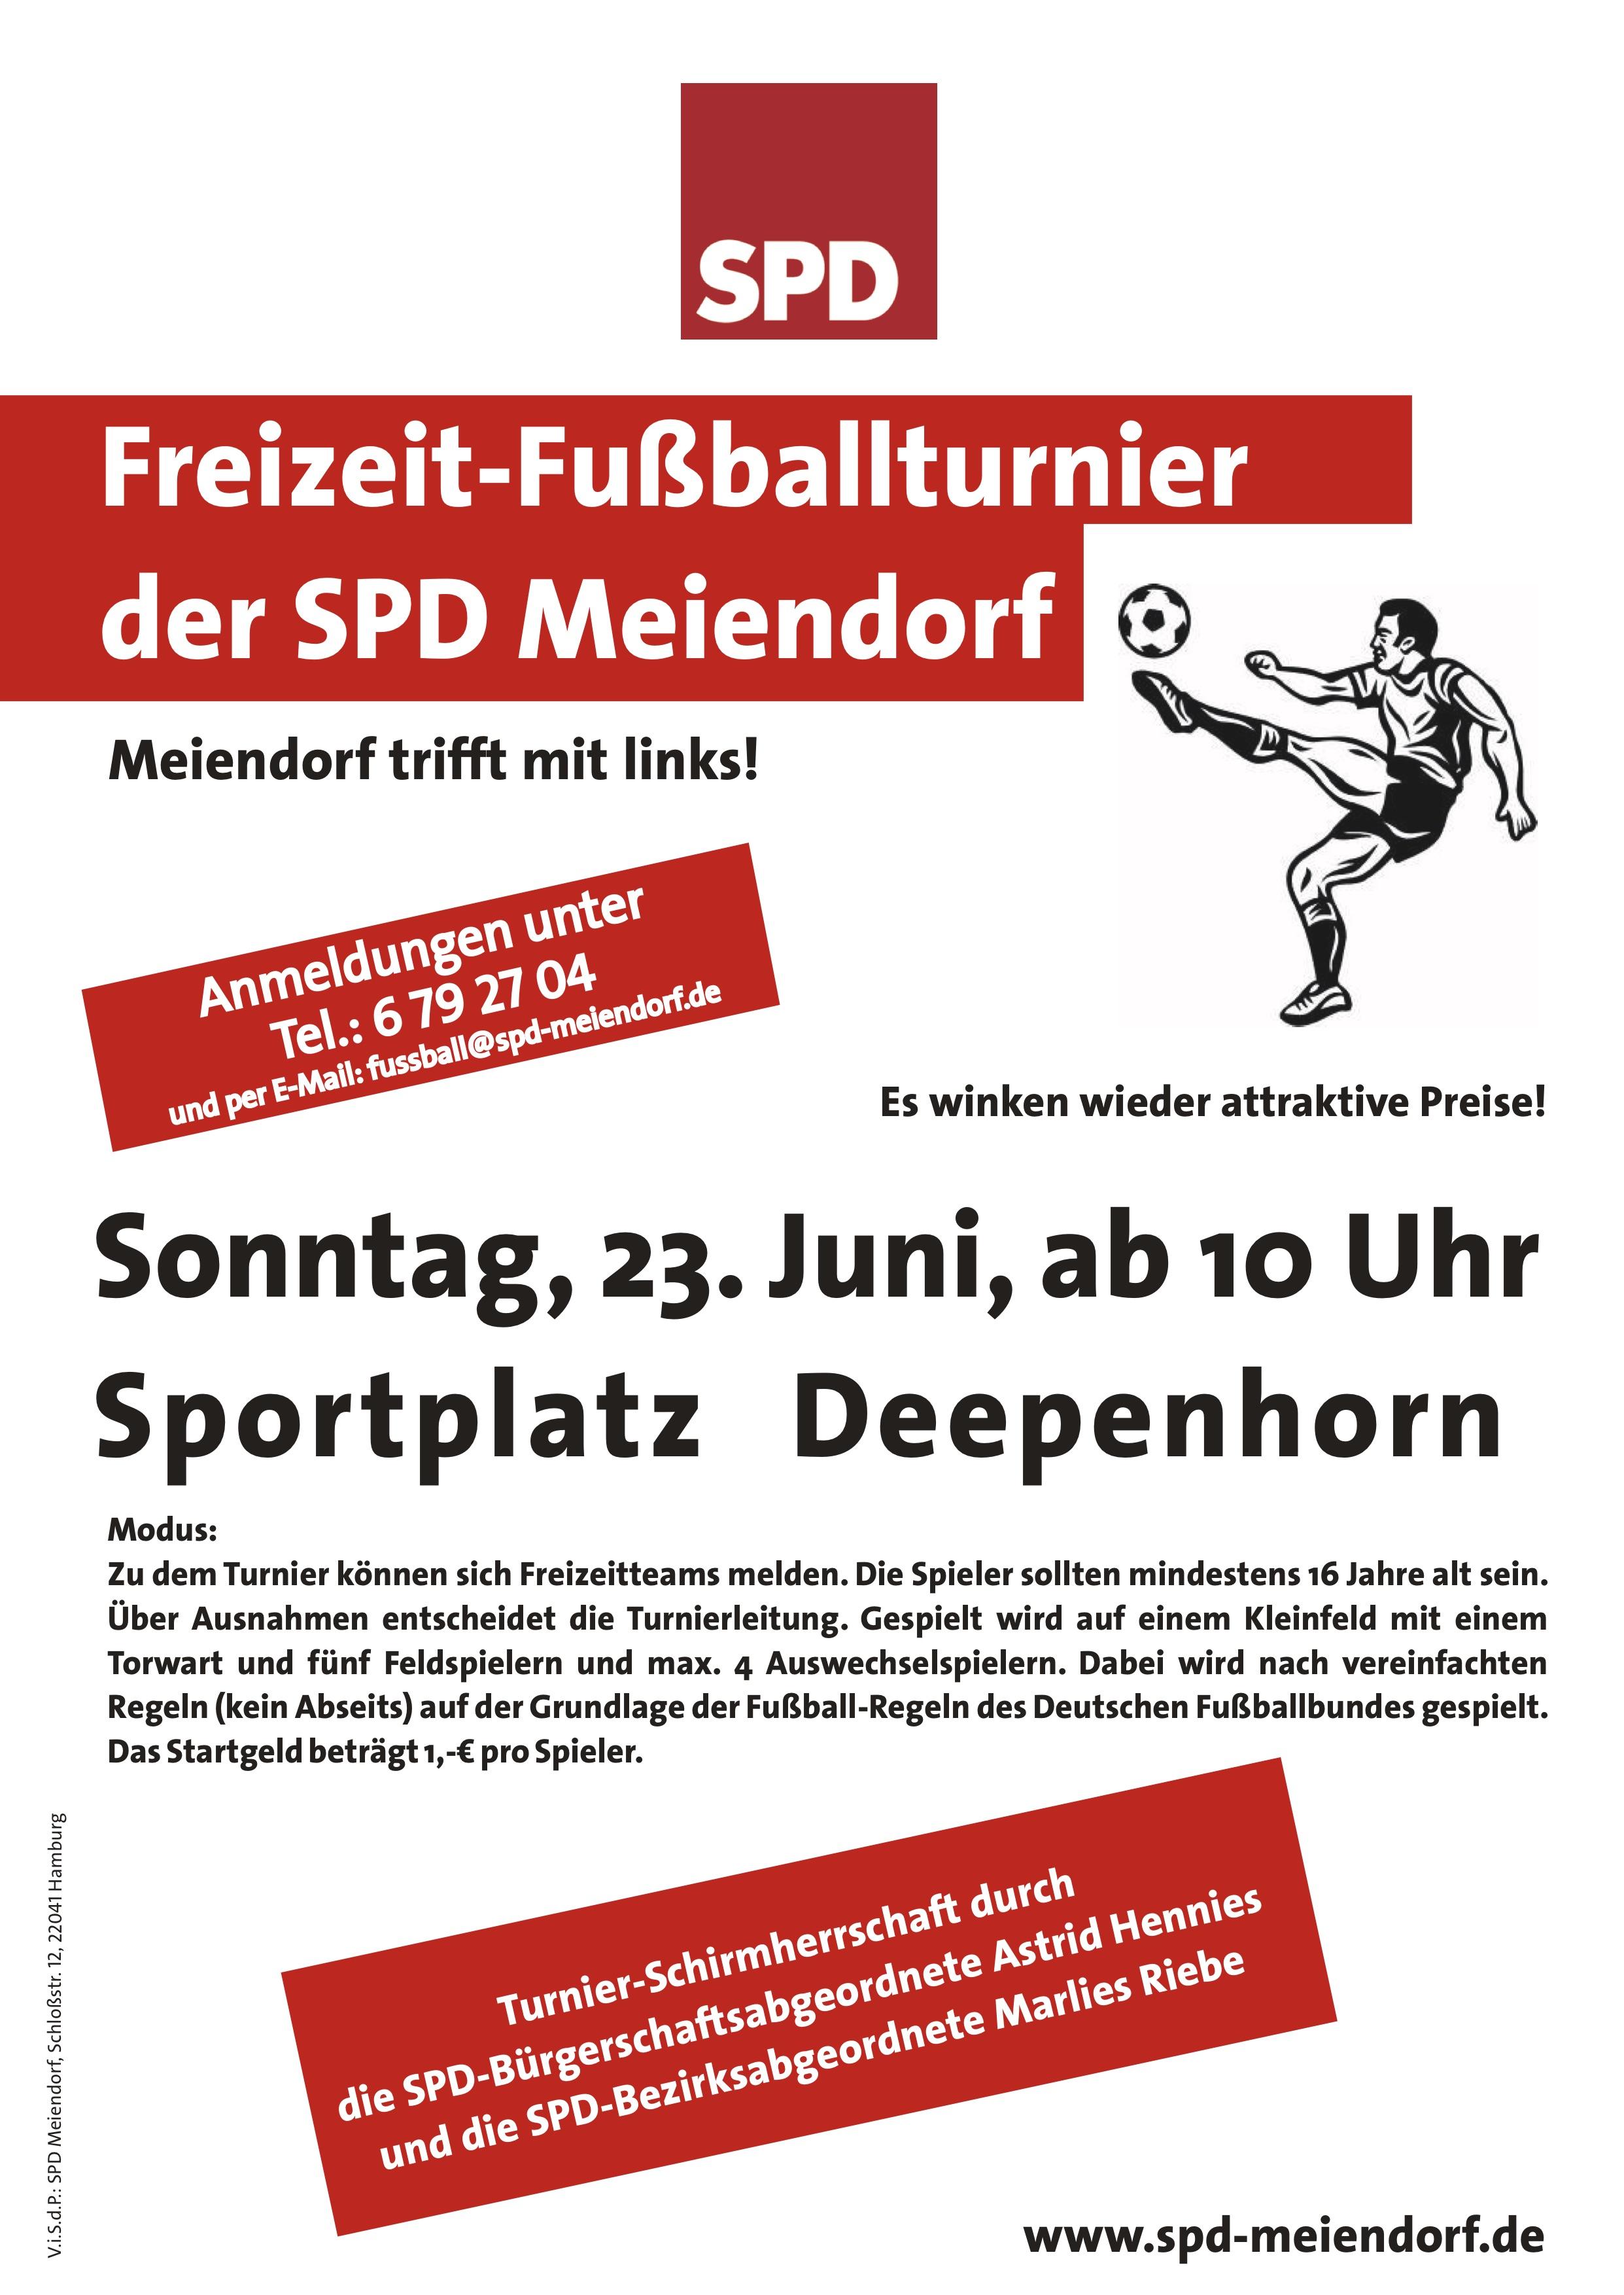 fussballturnier_meiendorf_2019.jpg